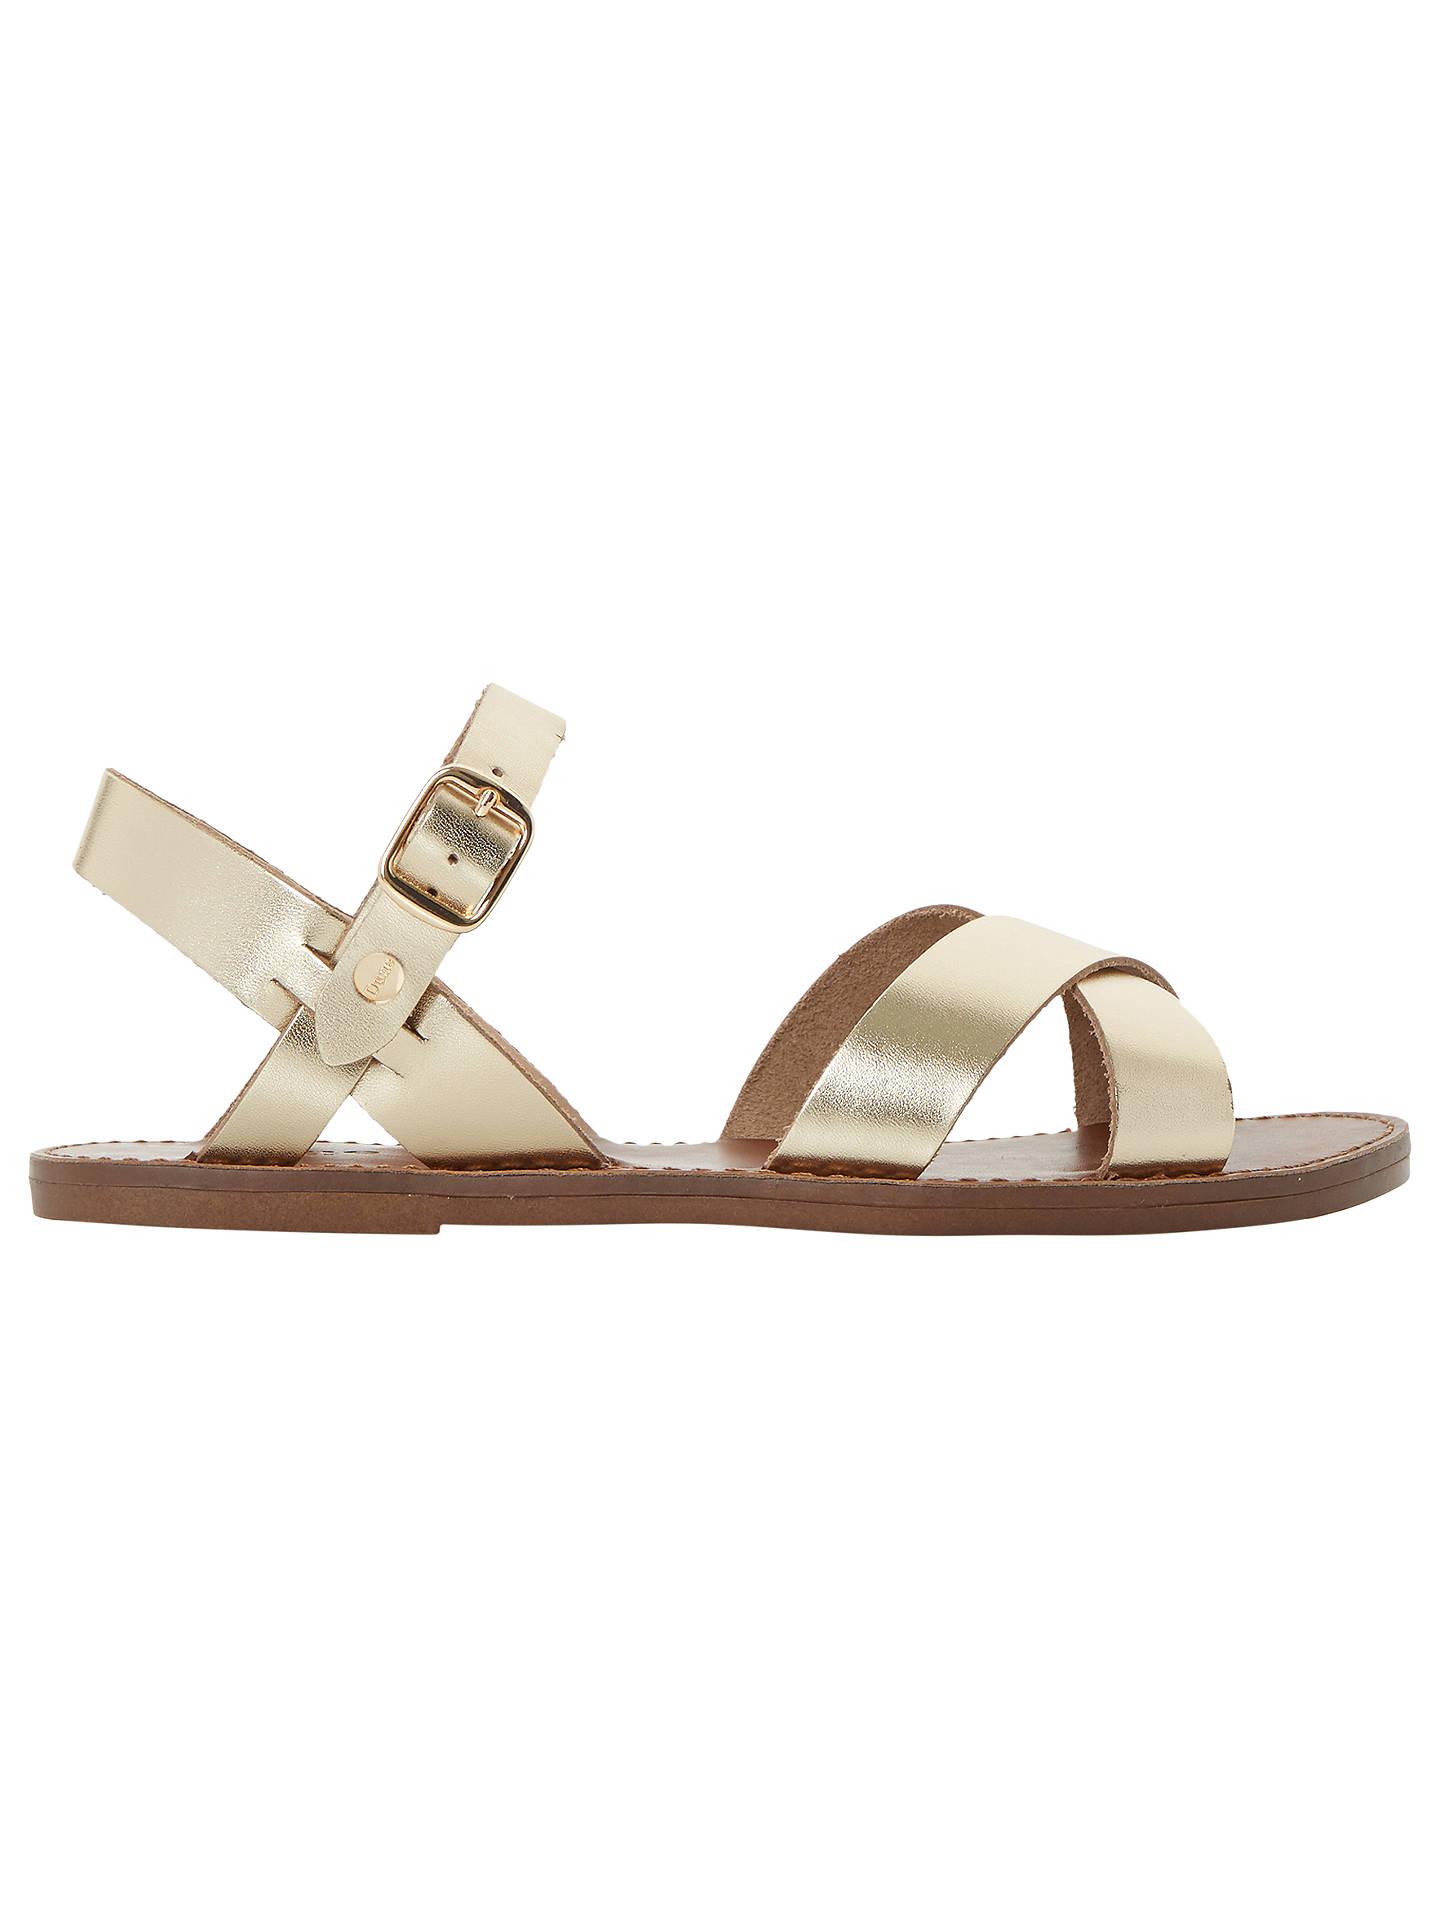 f1e41c0eae56 Buy Dune Laila Cross Vamp Leather Sandals